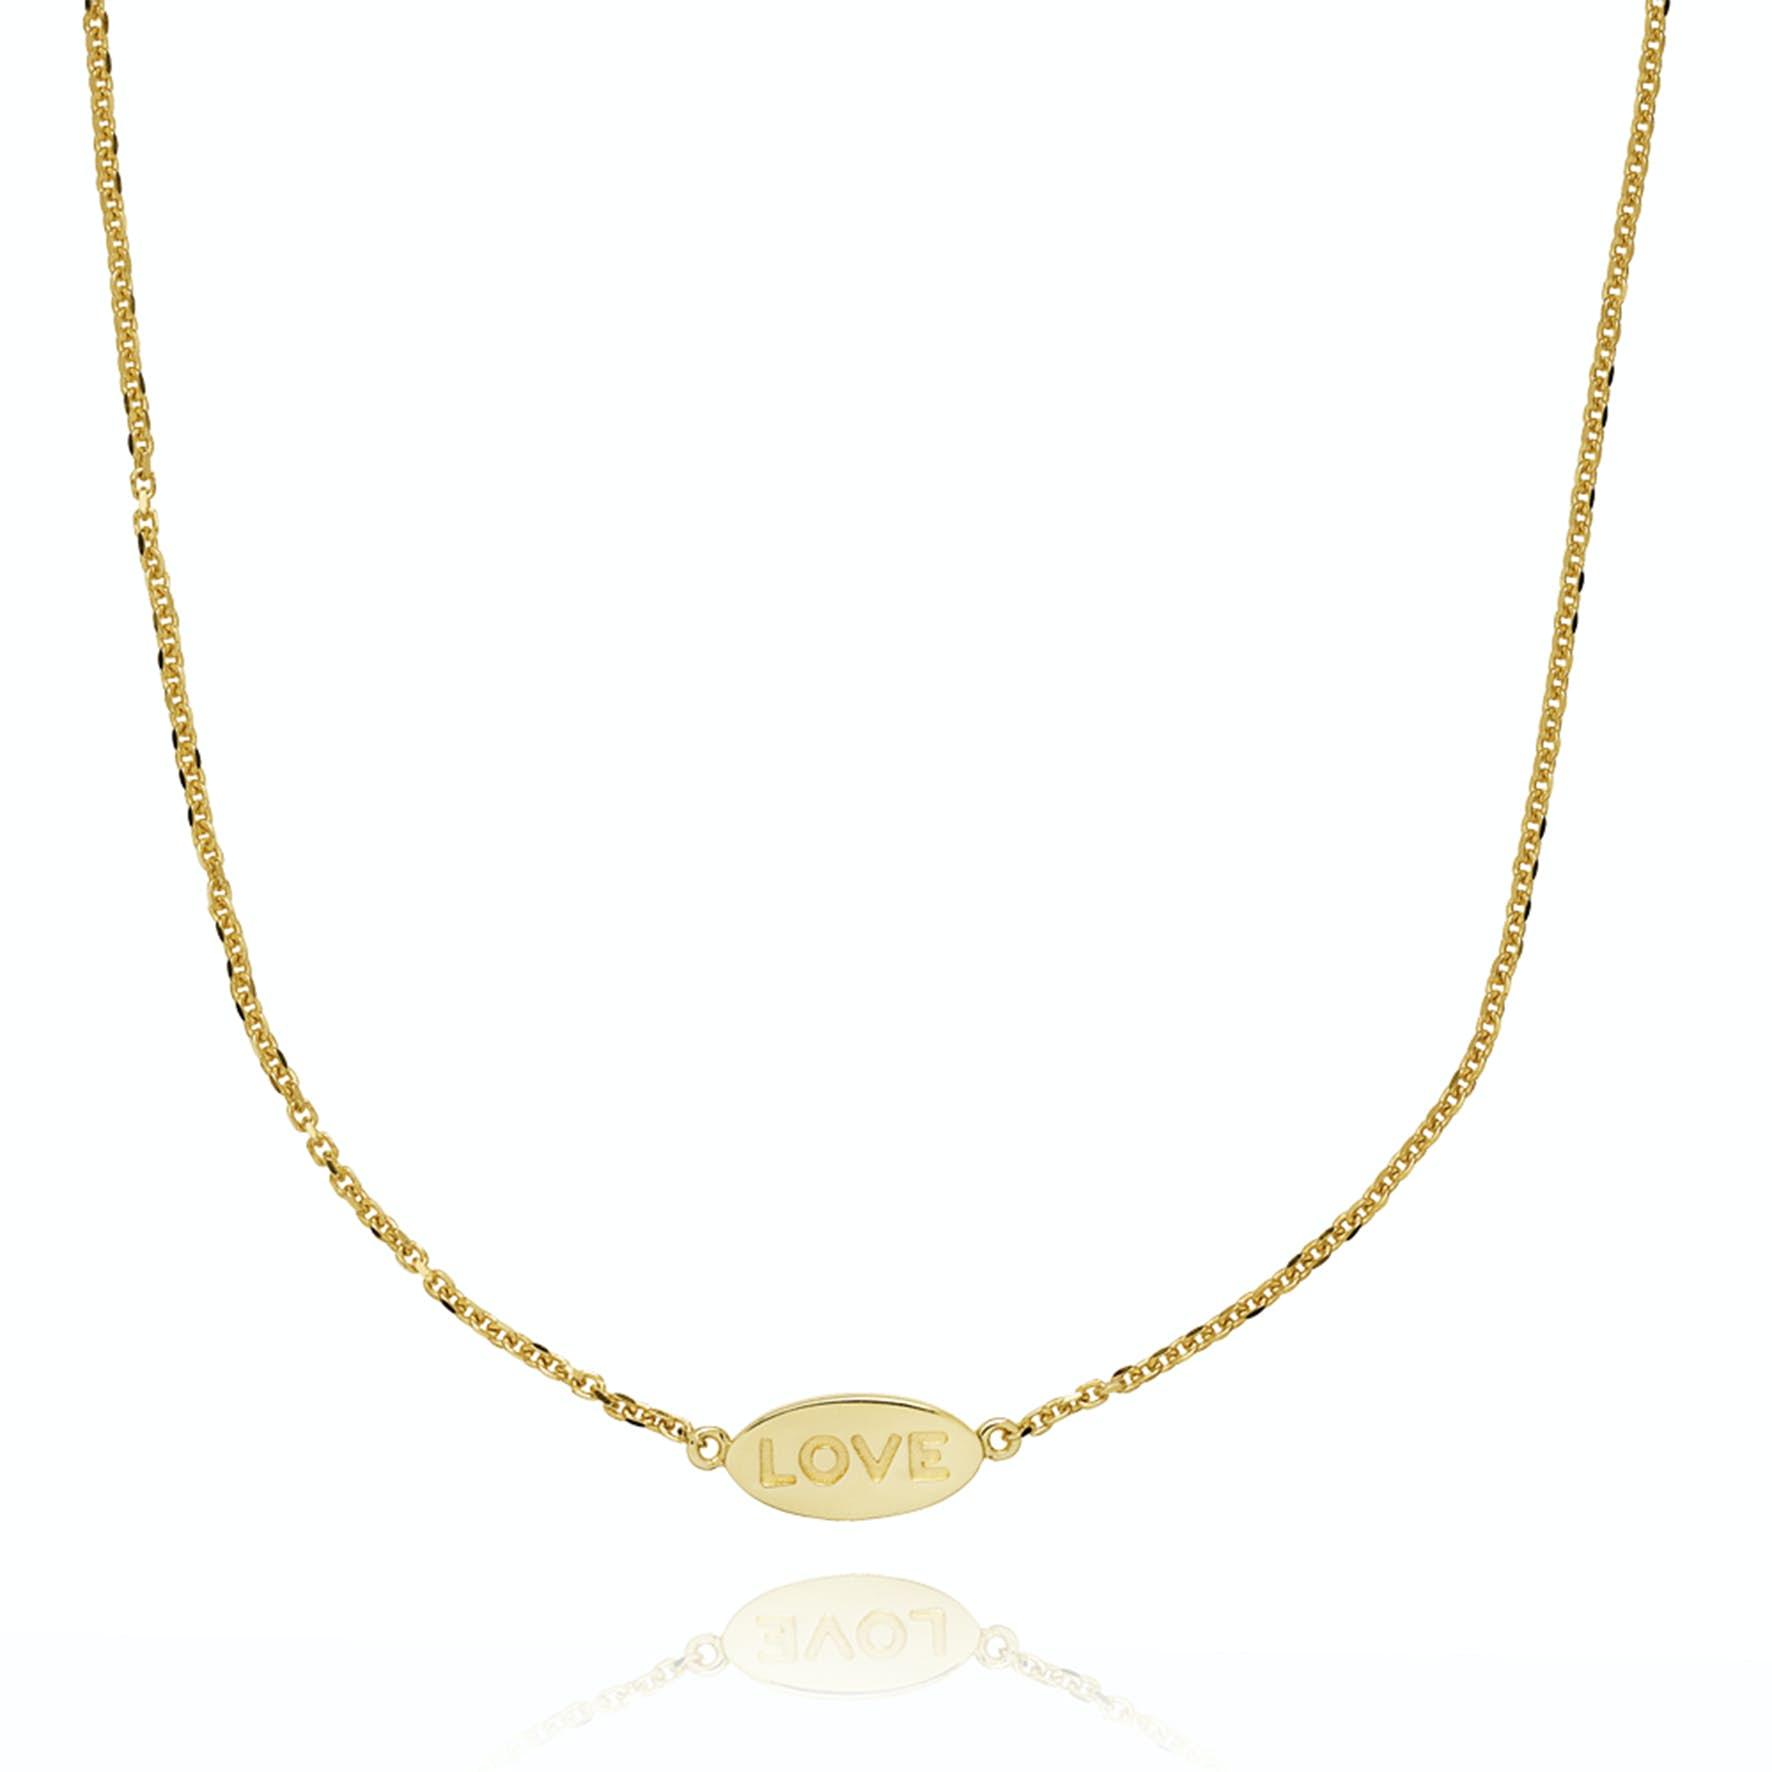 Fam Love Necklace von Sistie in Vergoldet-Silber Sterling 925